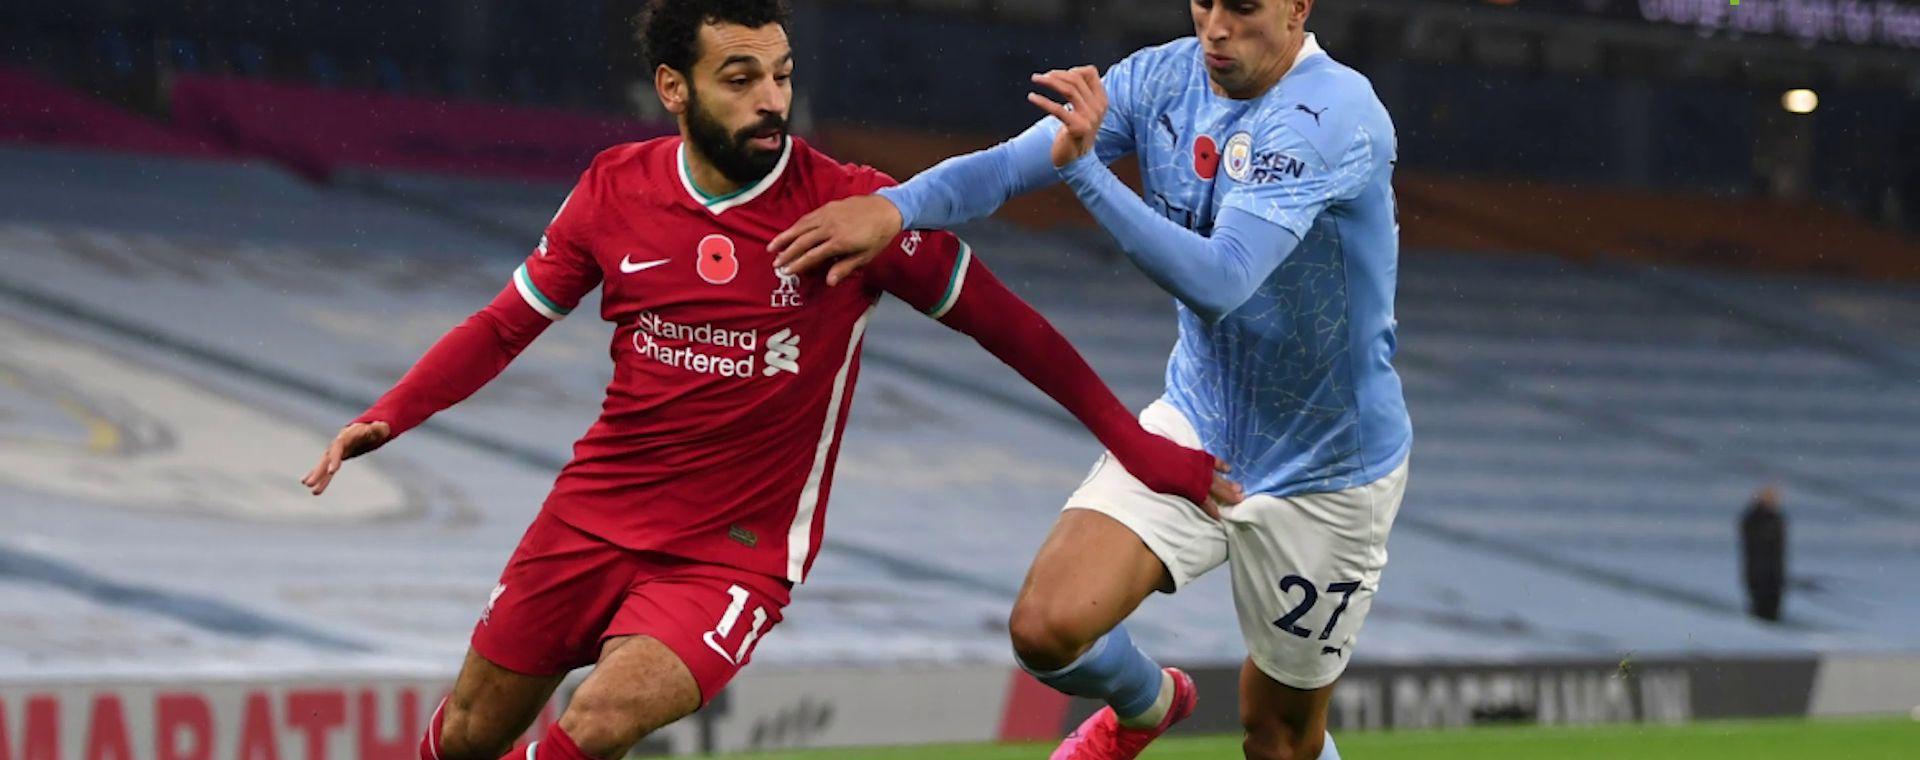 Premier League clash